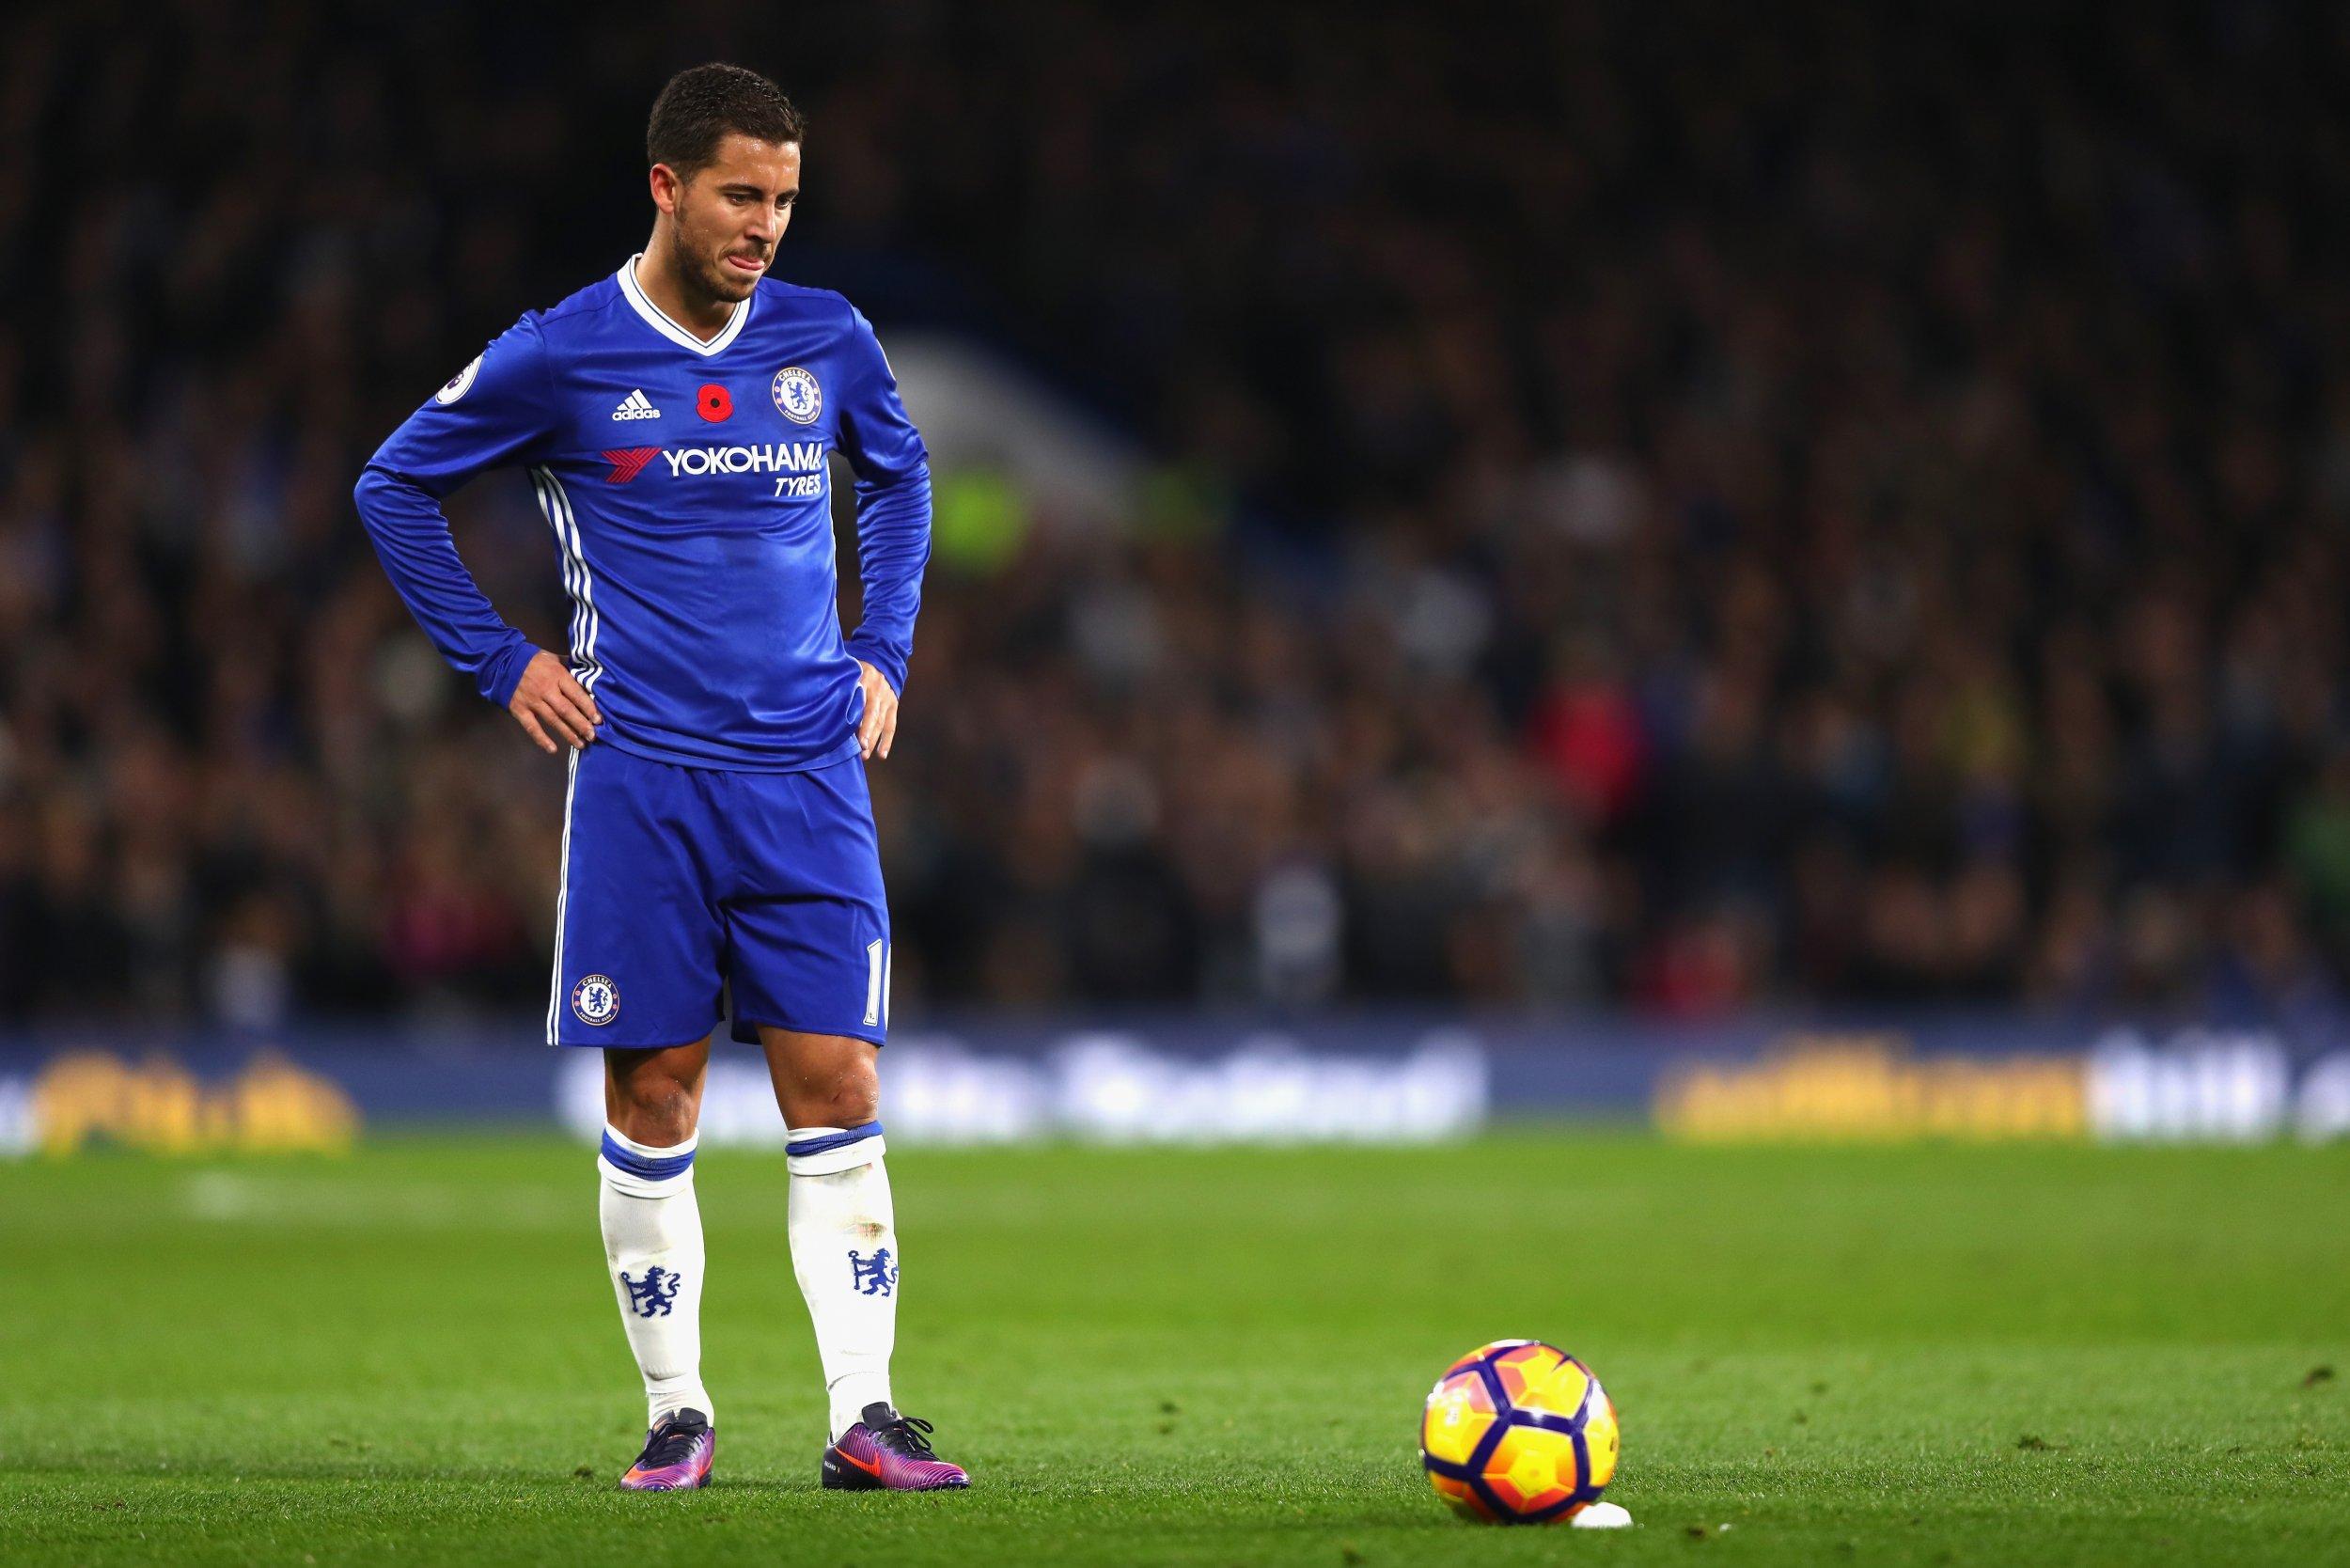 Chelsea Legend Eden Hazard as Good as Cristiano Ronaldo and